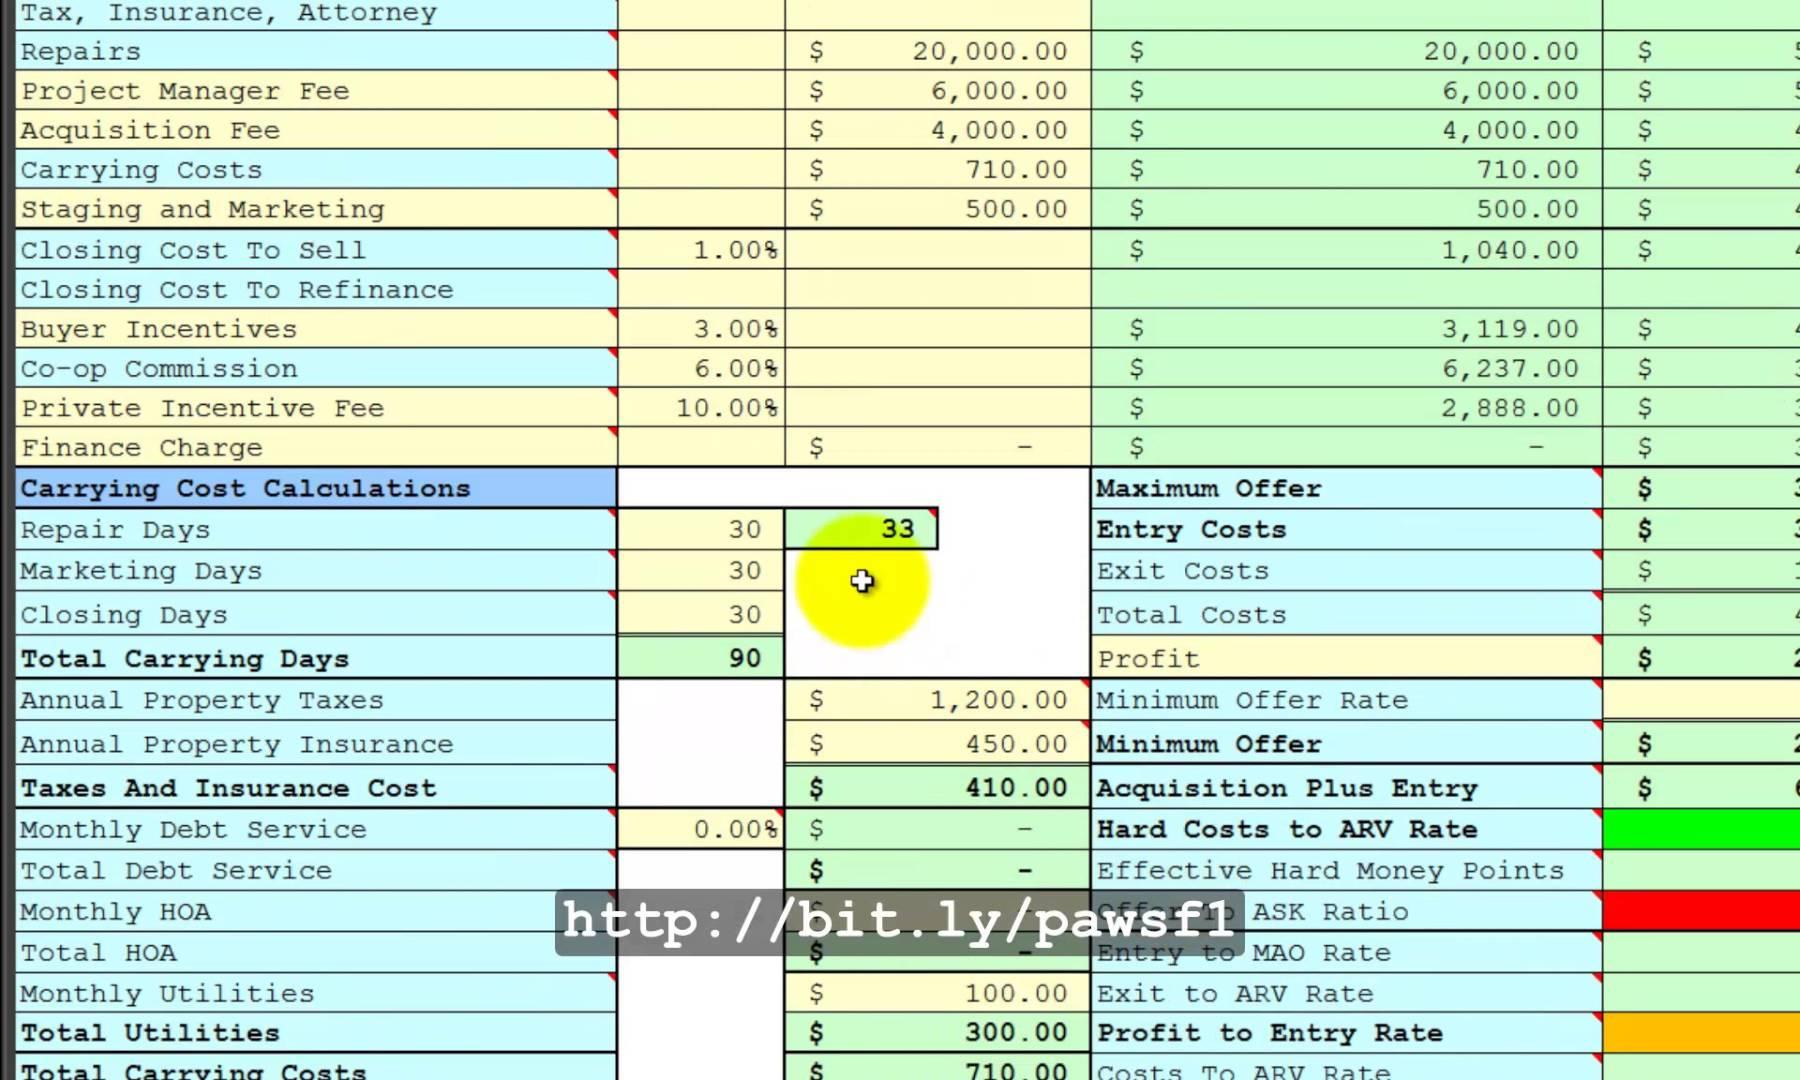 Rental Property Analysis Spreadsheet Free | Homebiz4U2Profit within Rental Property Analysis Spreadsheet